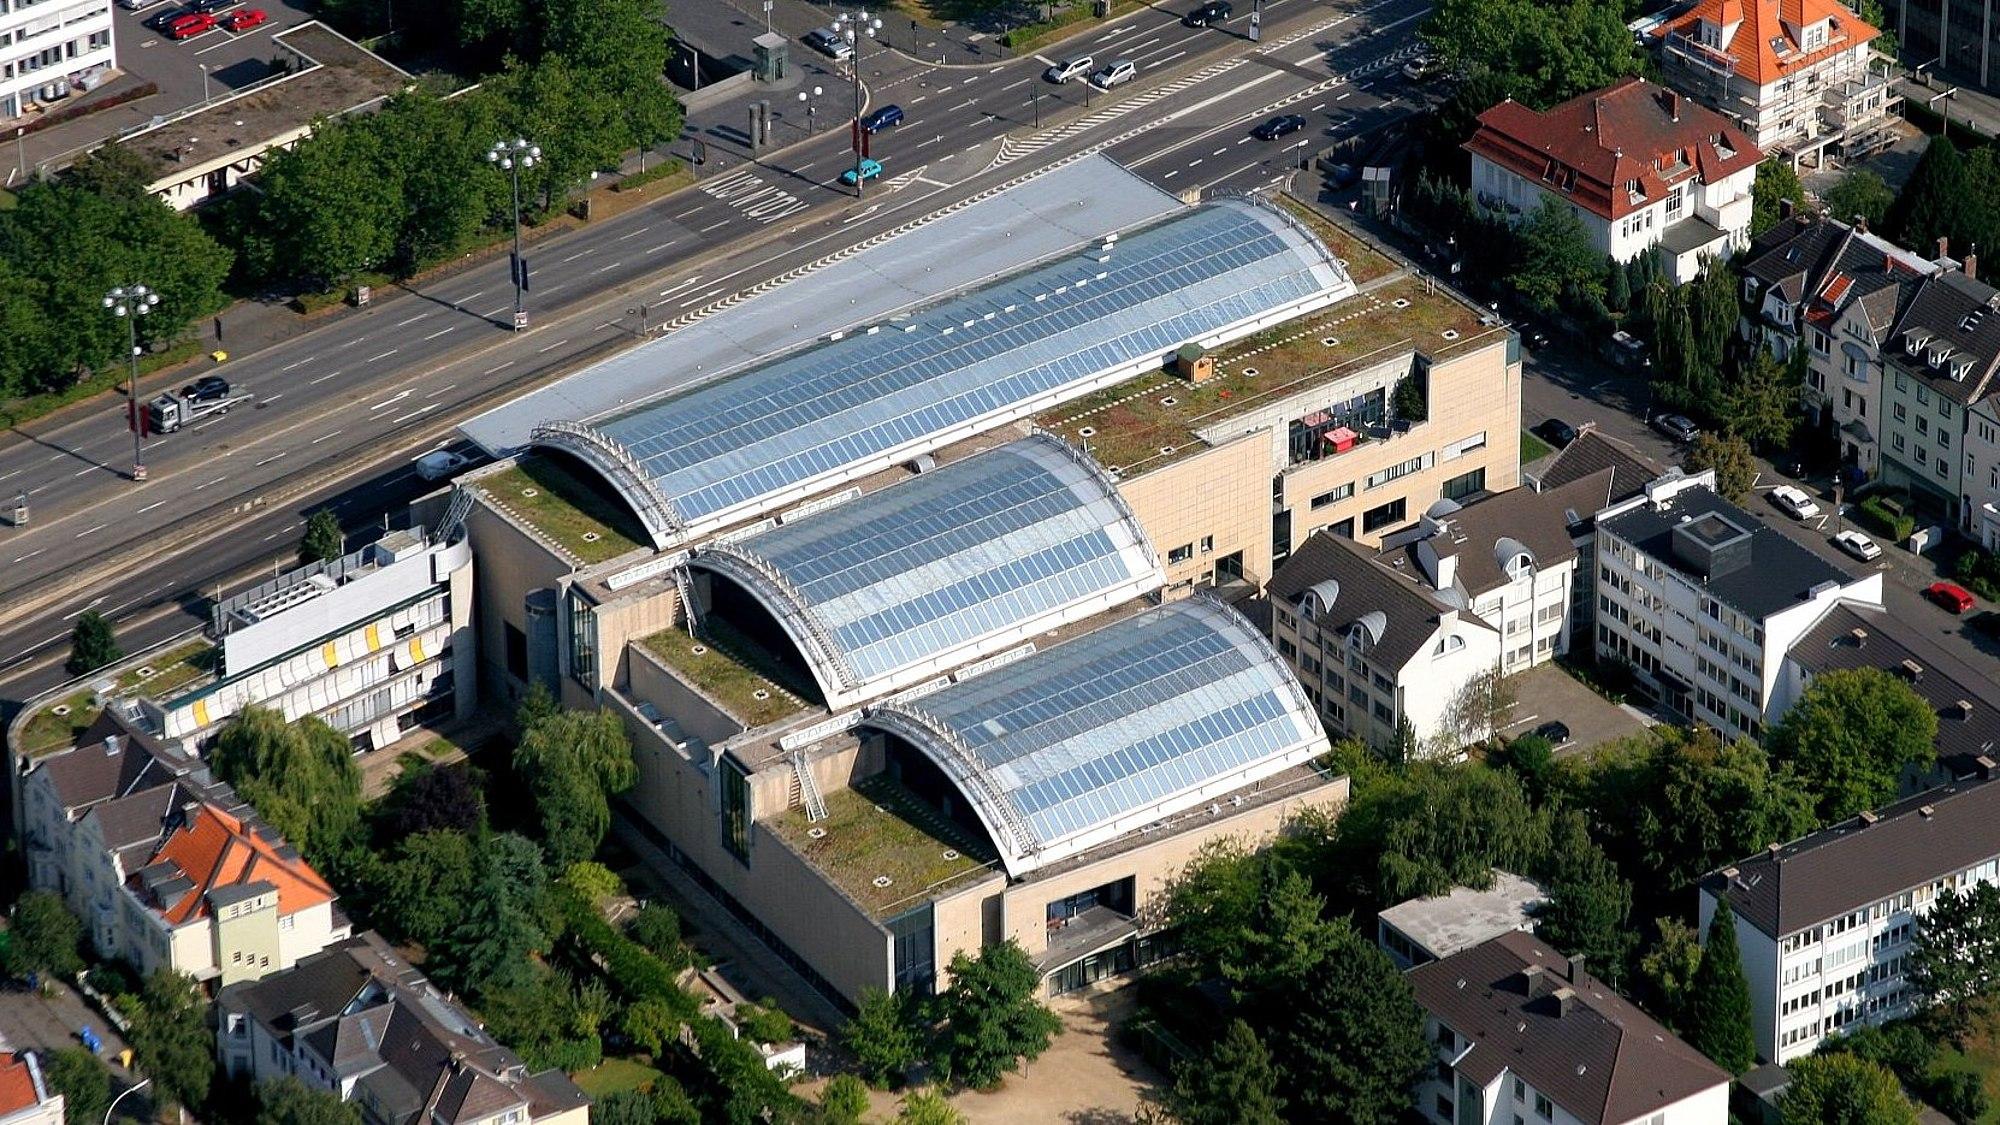 Vogelperspektive auf das Haus der Geschichte in Bonn, man sieht die drei Bögen des Glasdaches